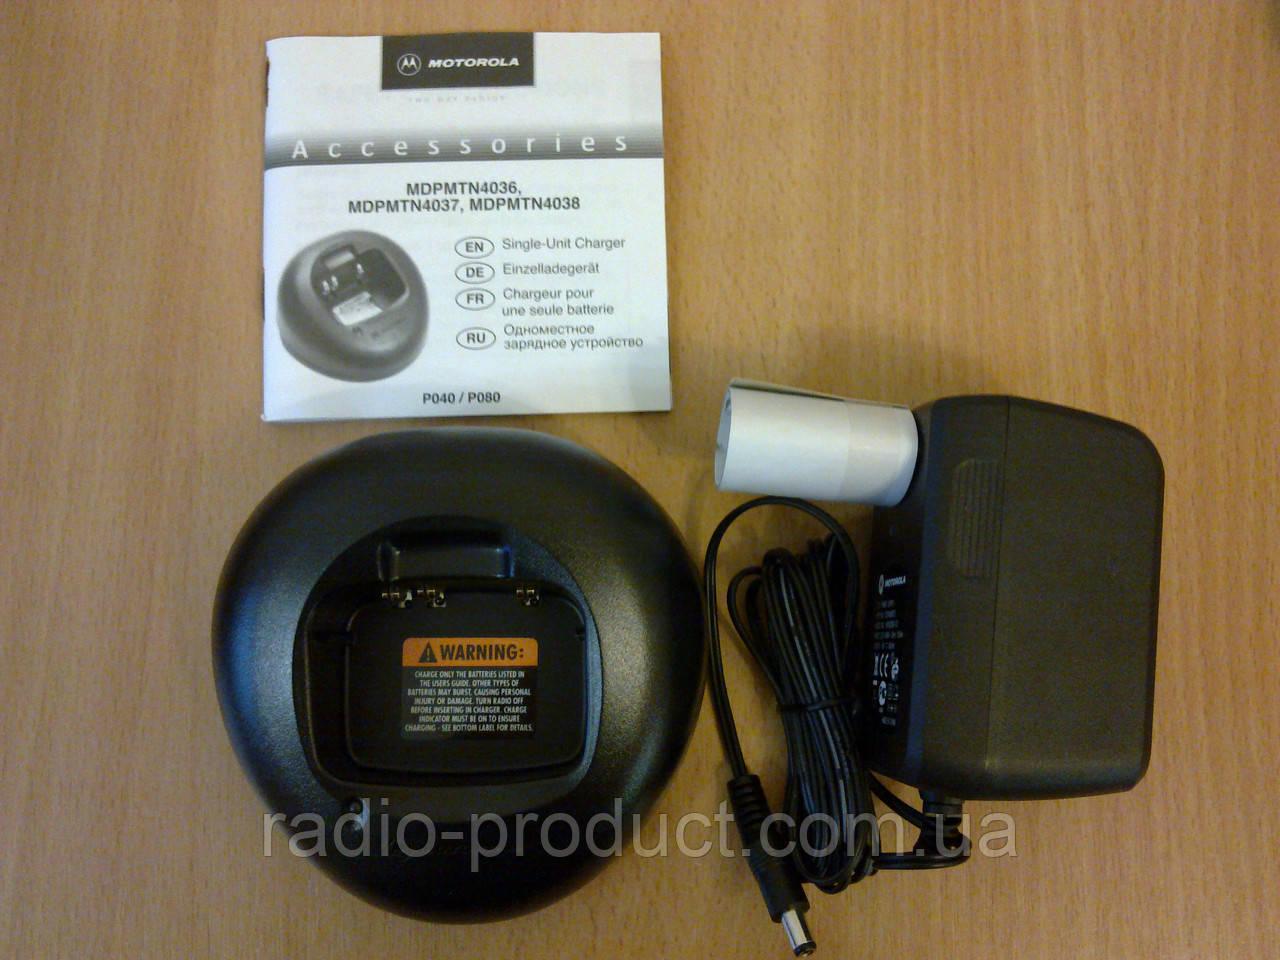 Motorola PMTN4034 зарядное ус-во для Motorola P040, P080